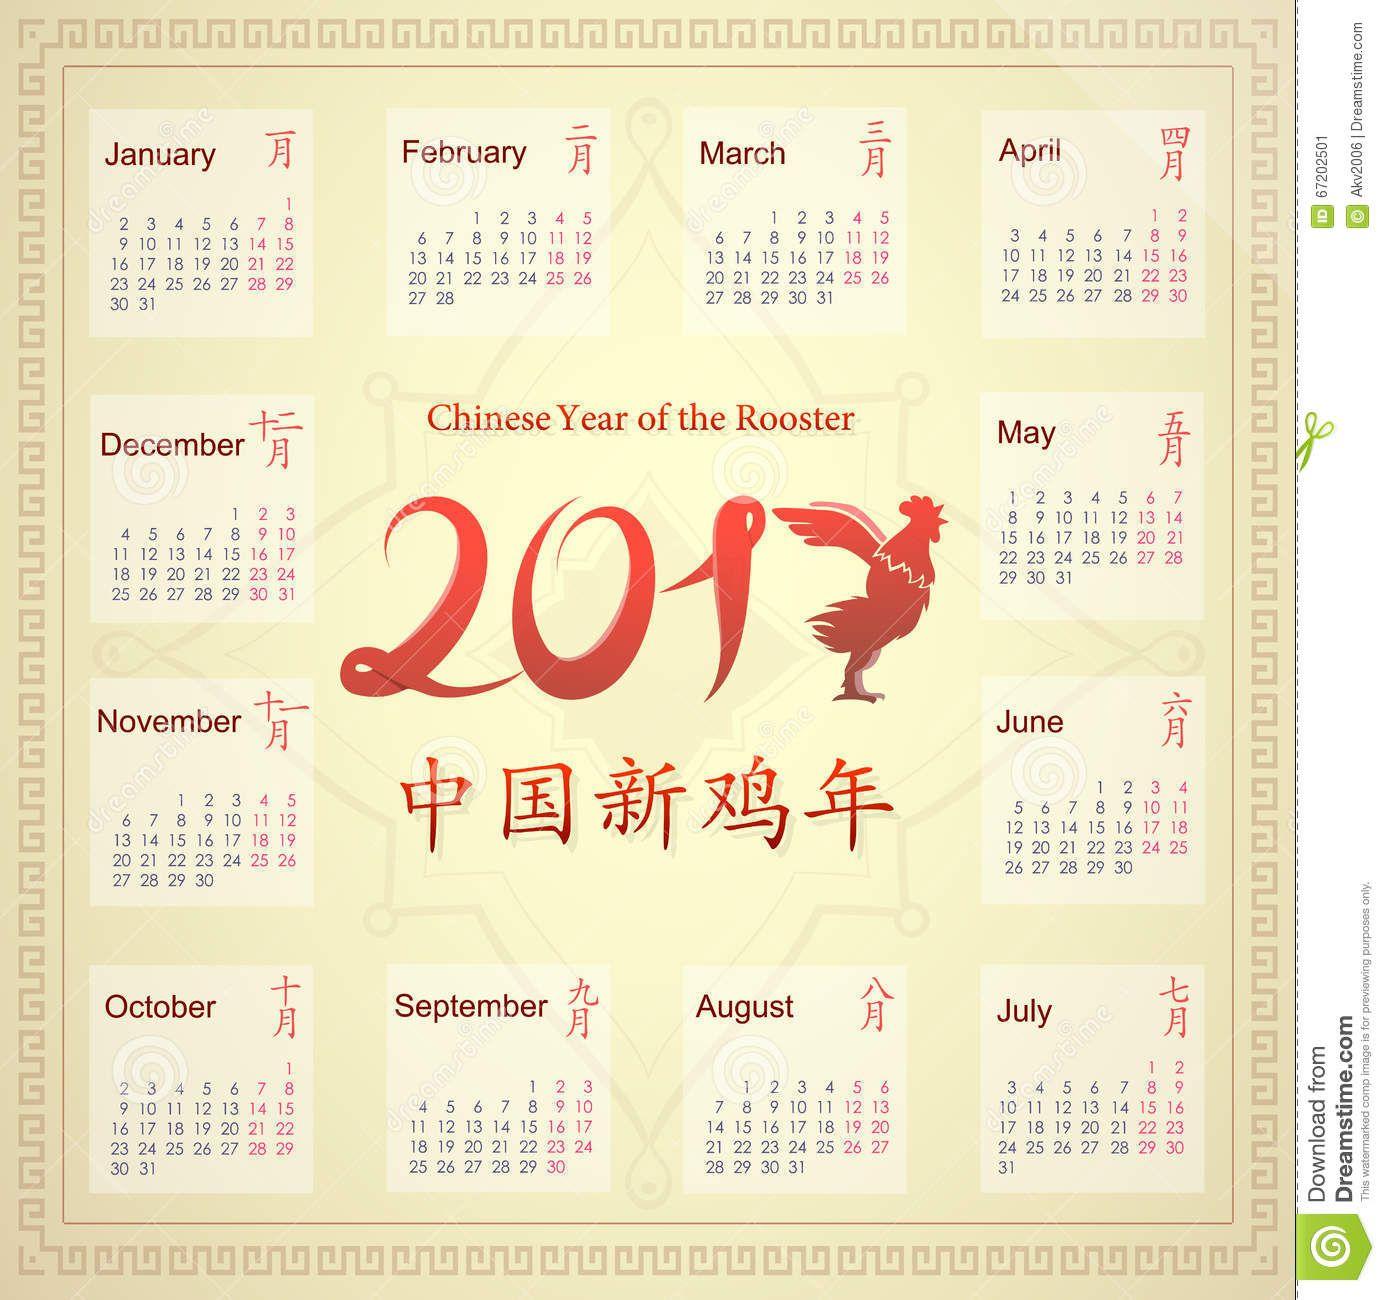 Chinese Calendar 2017 Weekly Calendar Template Today Calendar Weekly Calendar Template Chinese New Year Calendar